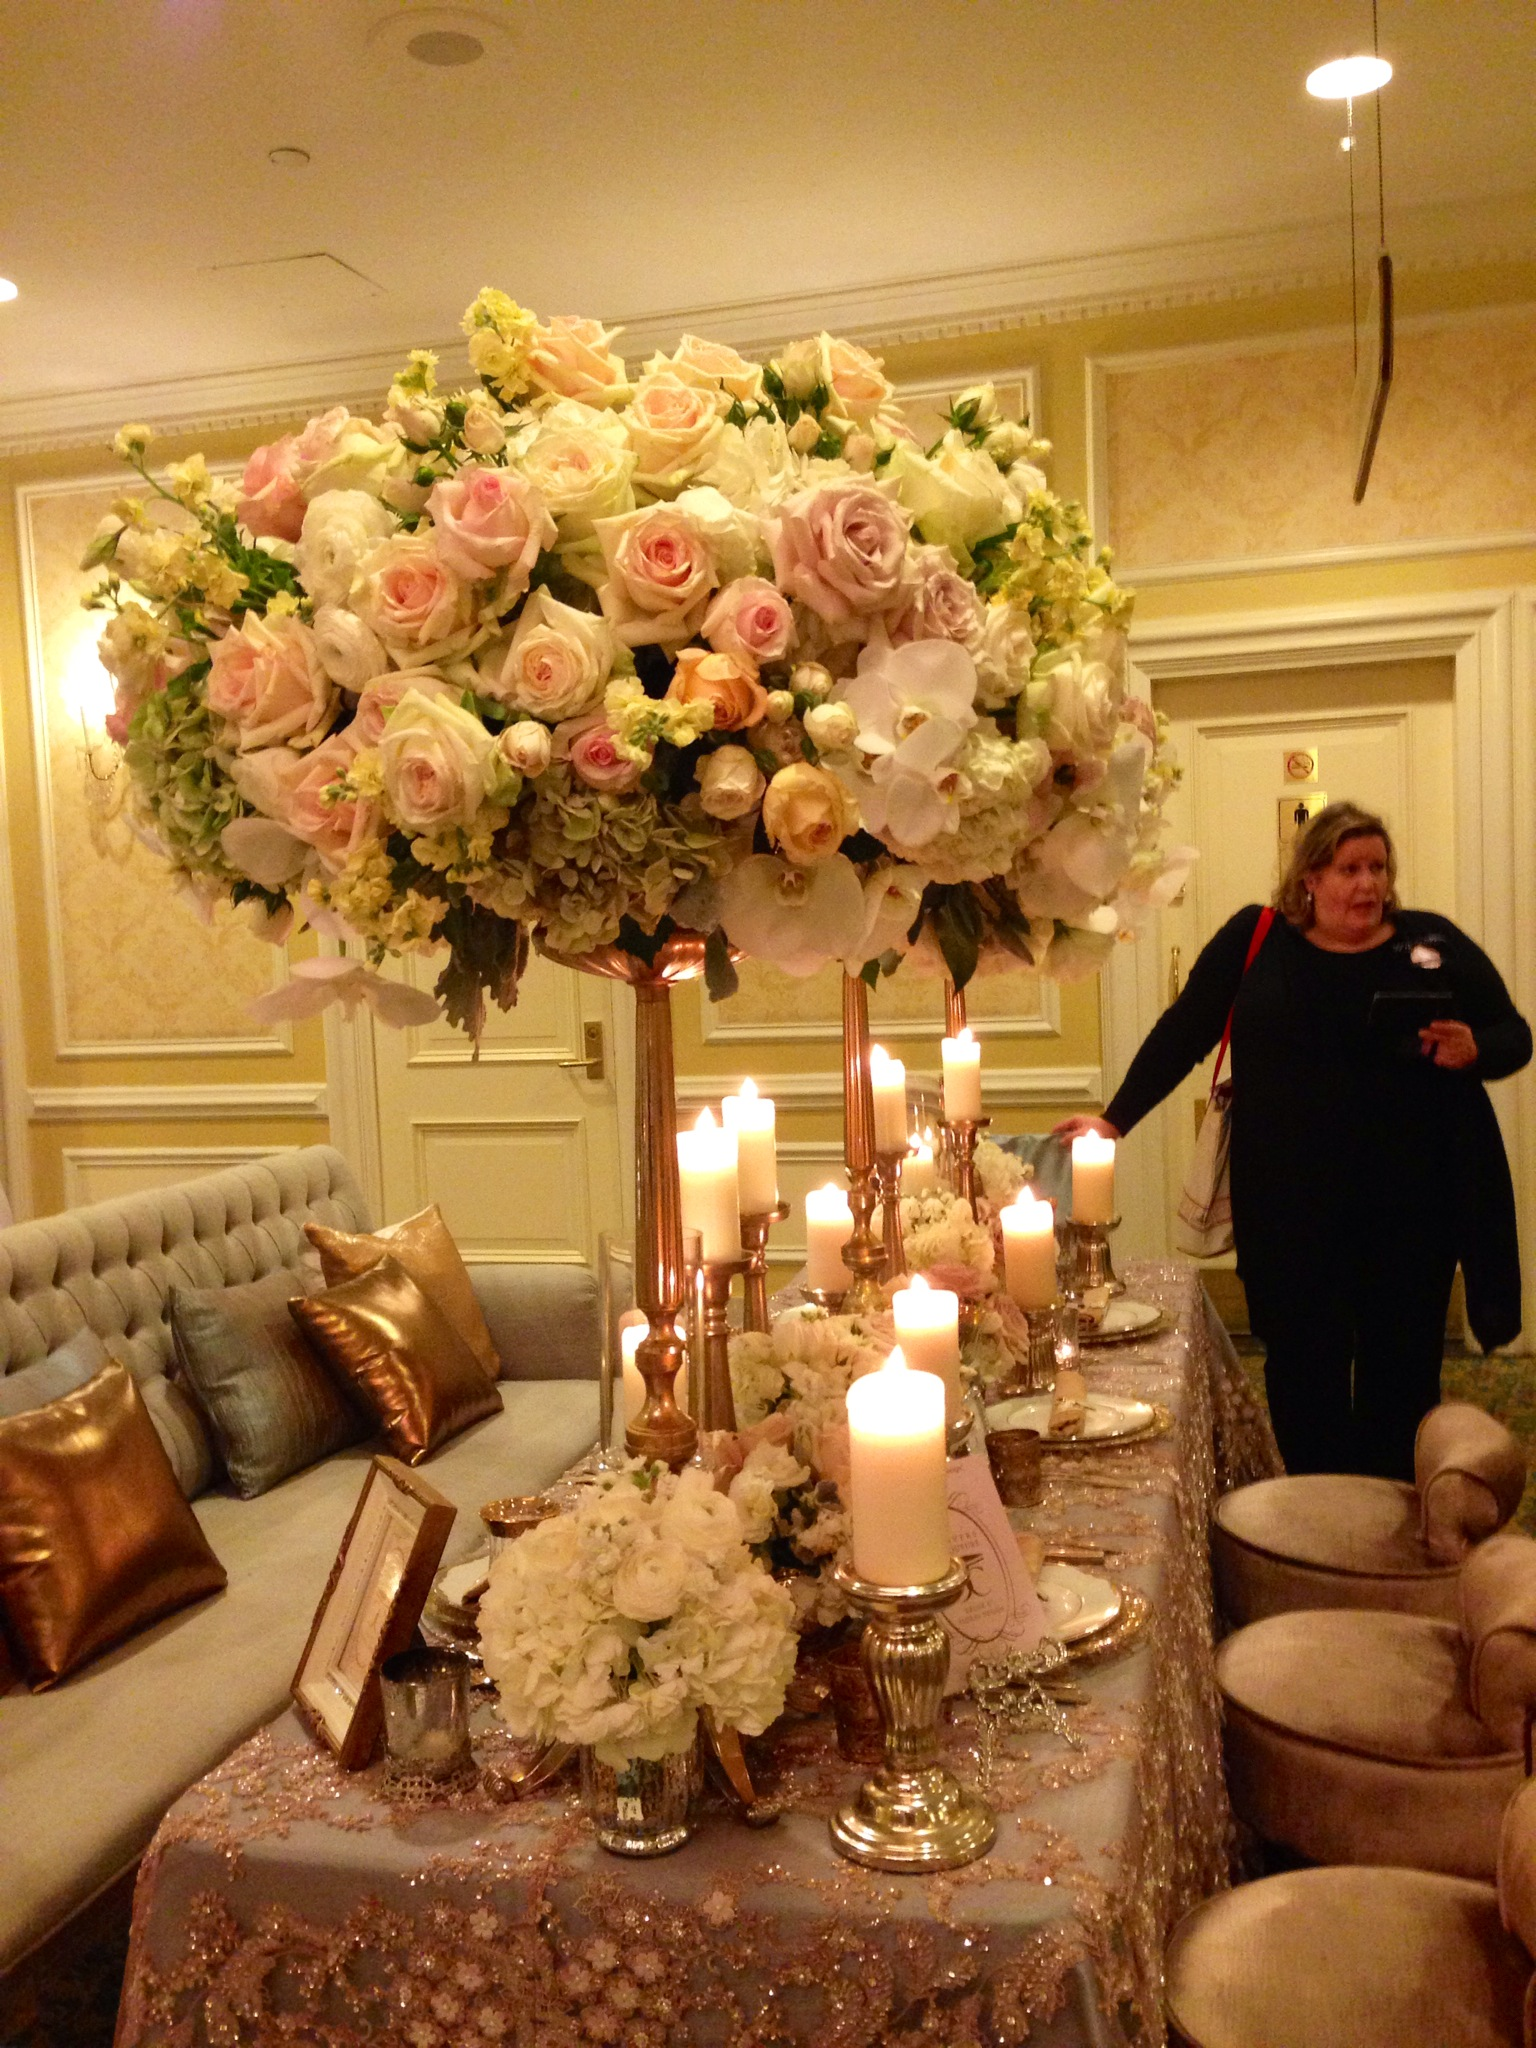 weddingdecor-weddingflowers-wedluxeshow-torontoweddingplanner